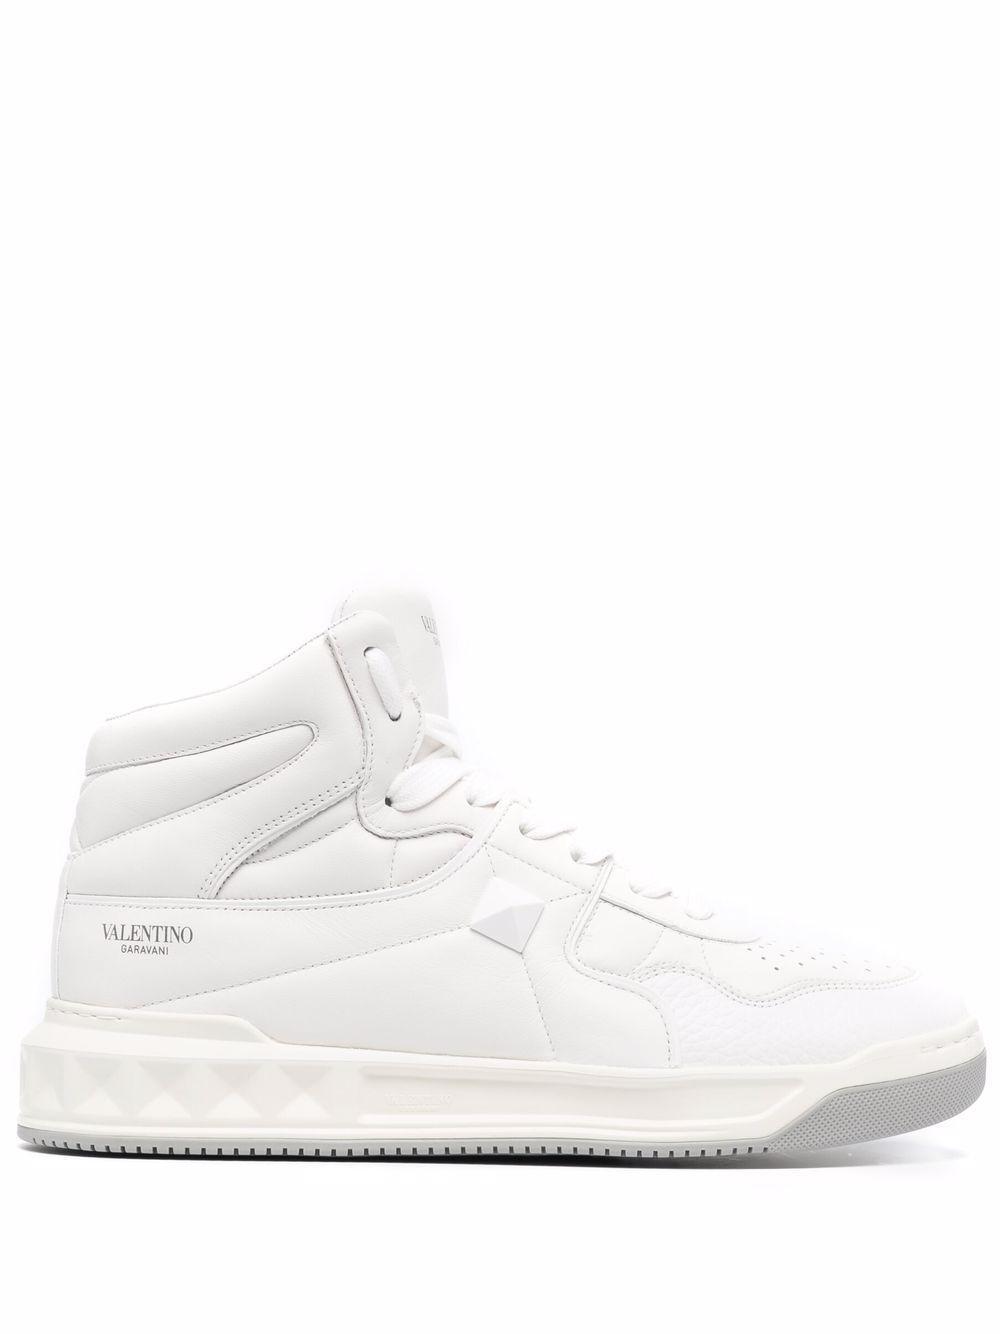 Sneaker vl7n in pelle